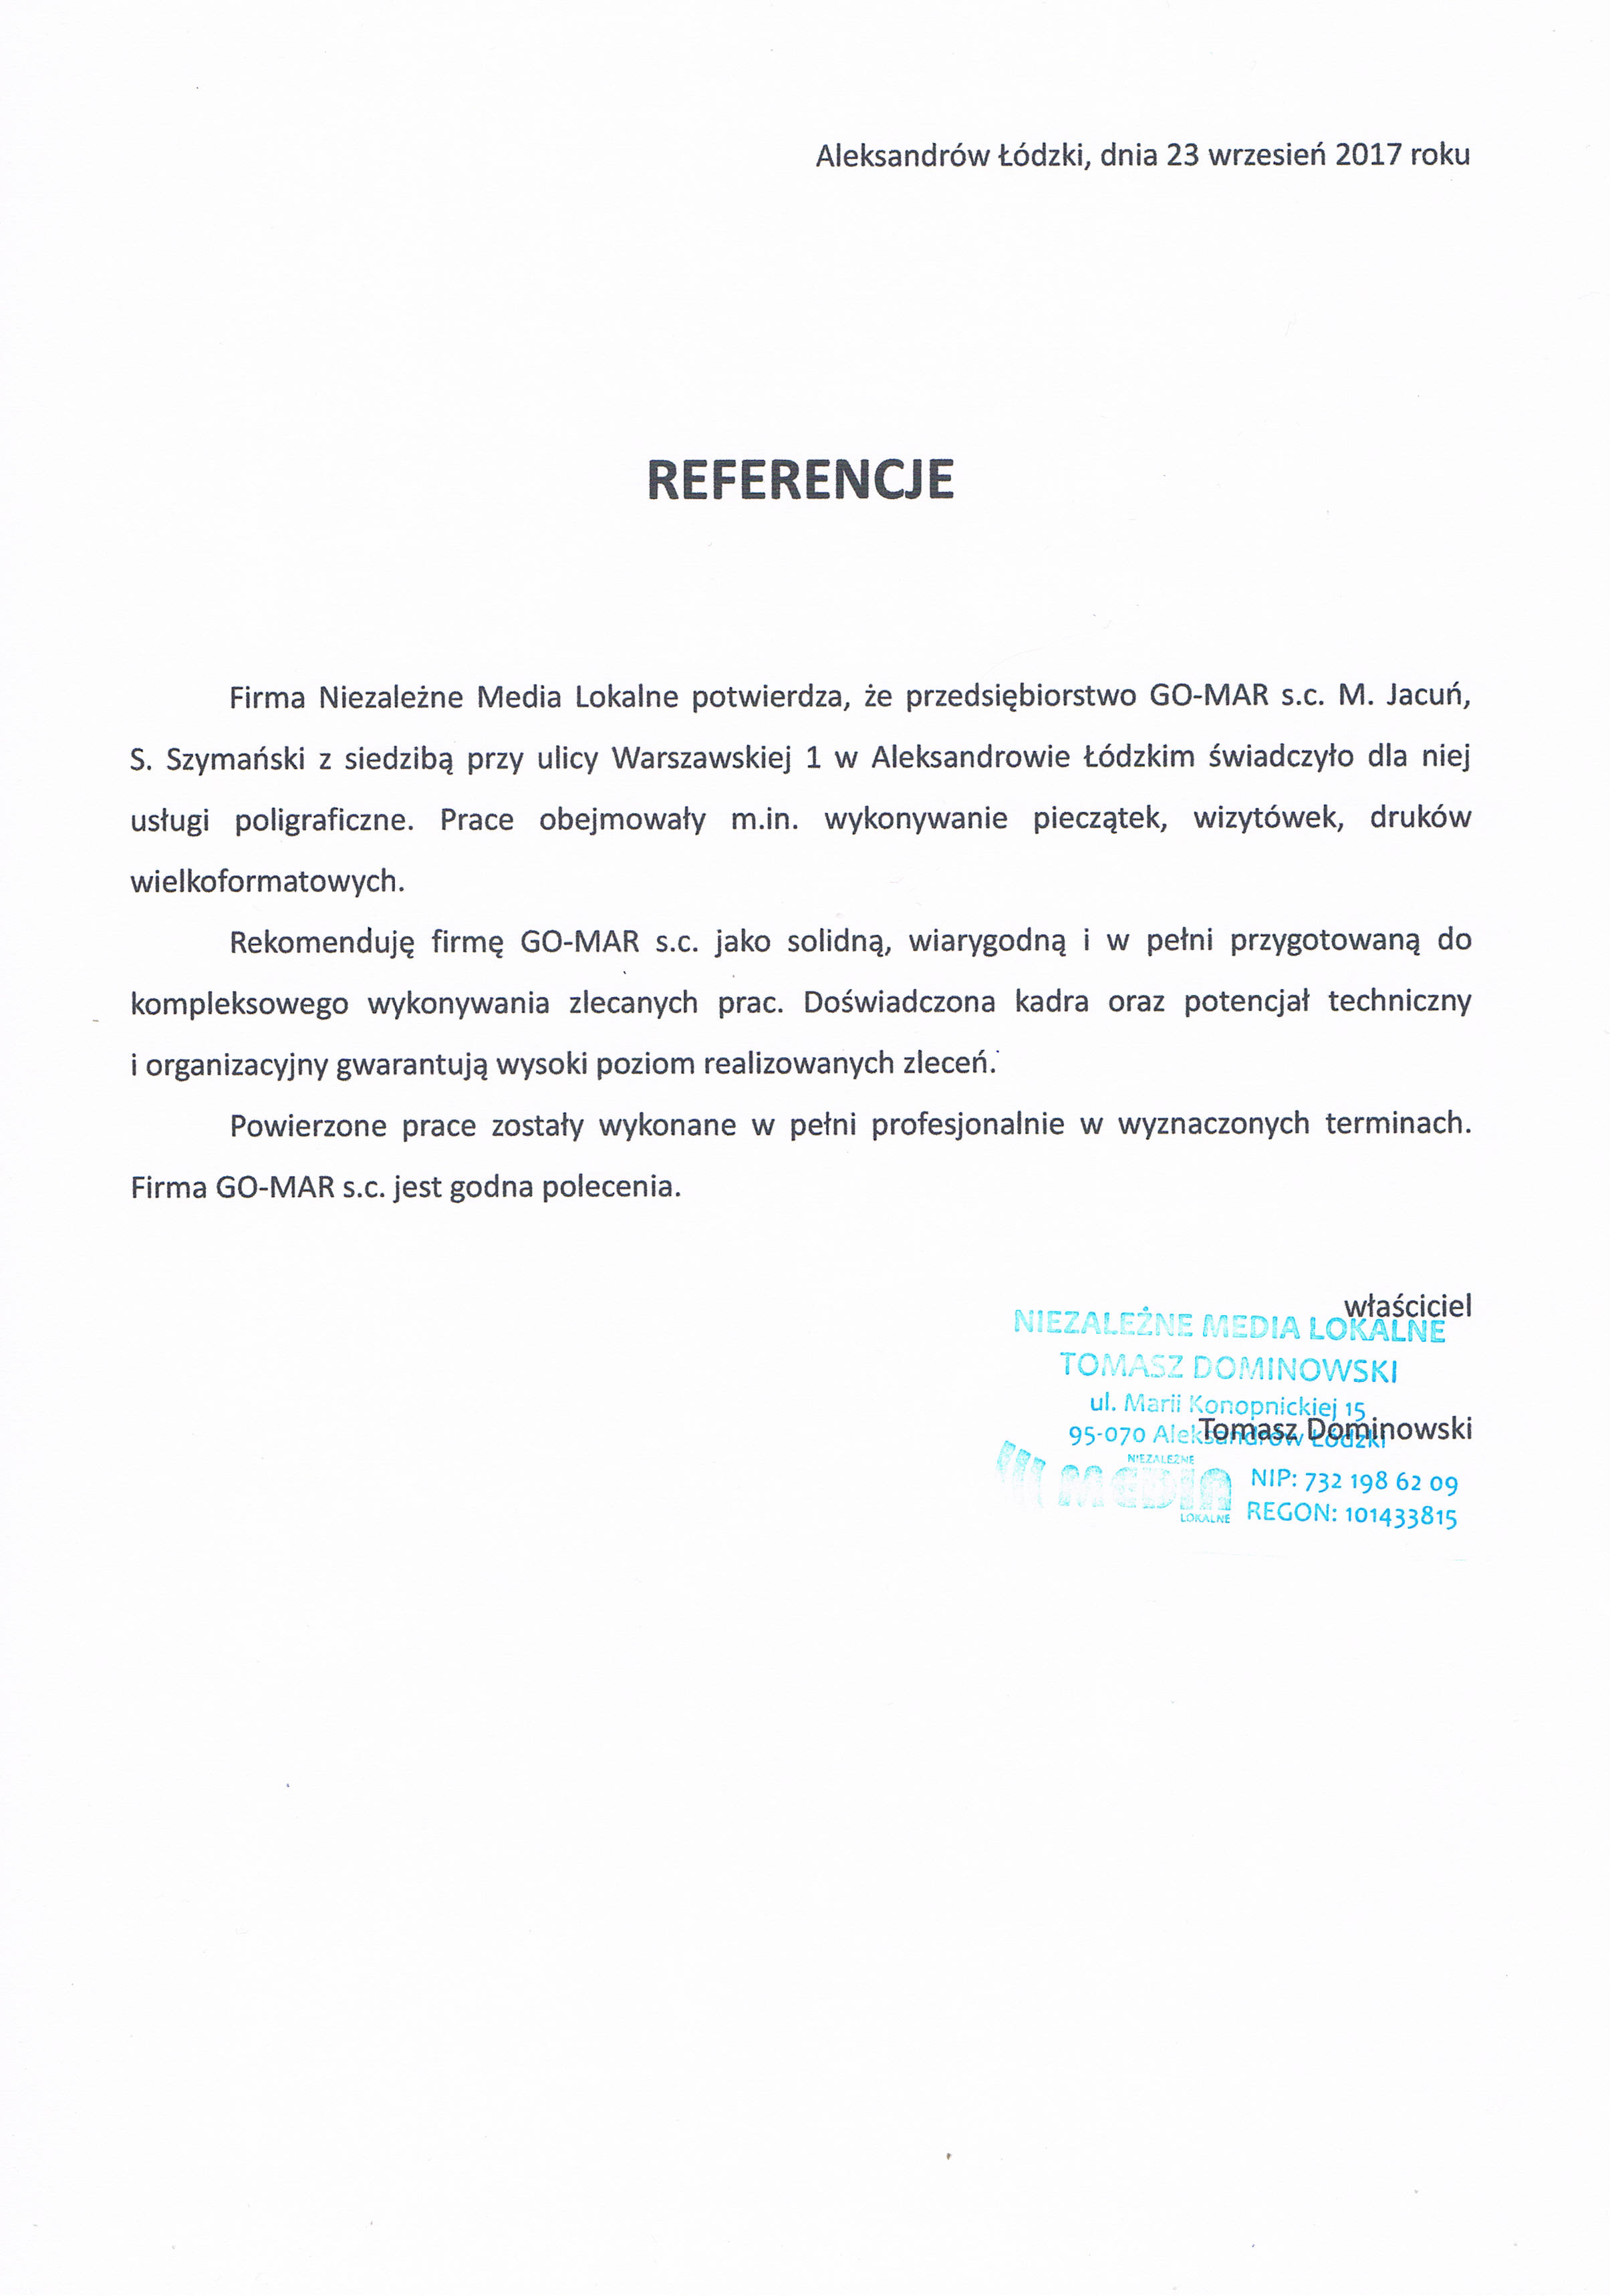 referencje dla Gomar